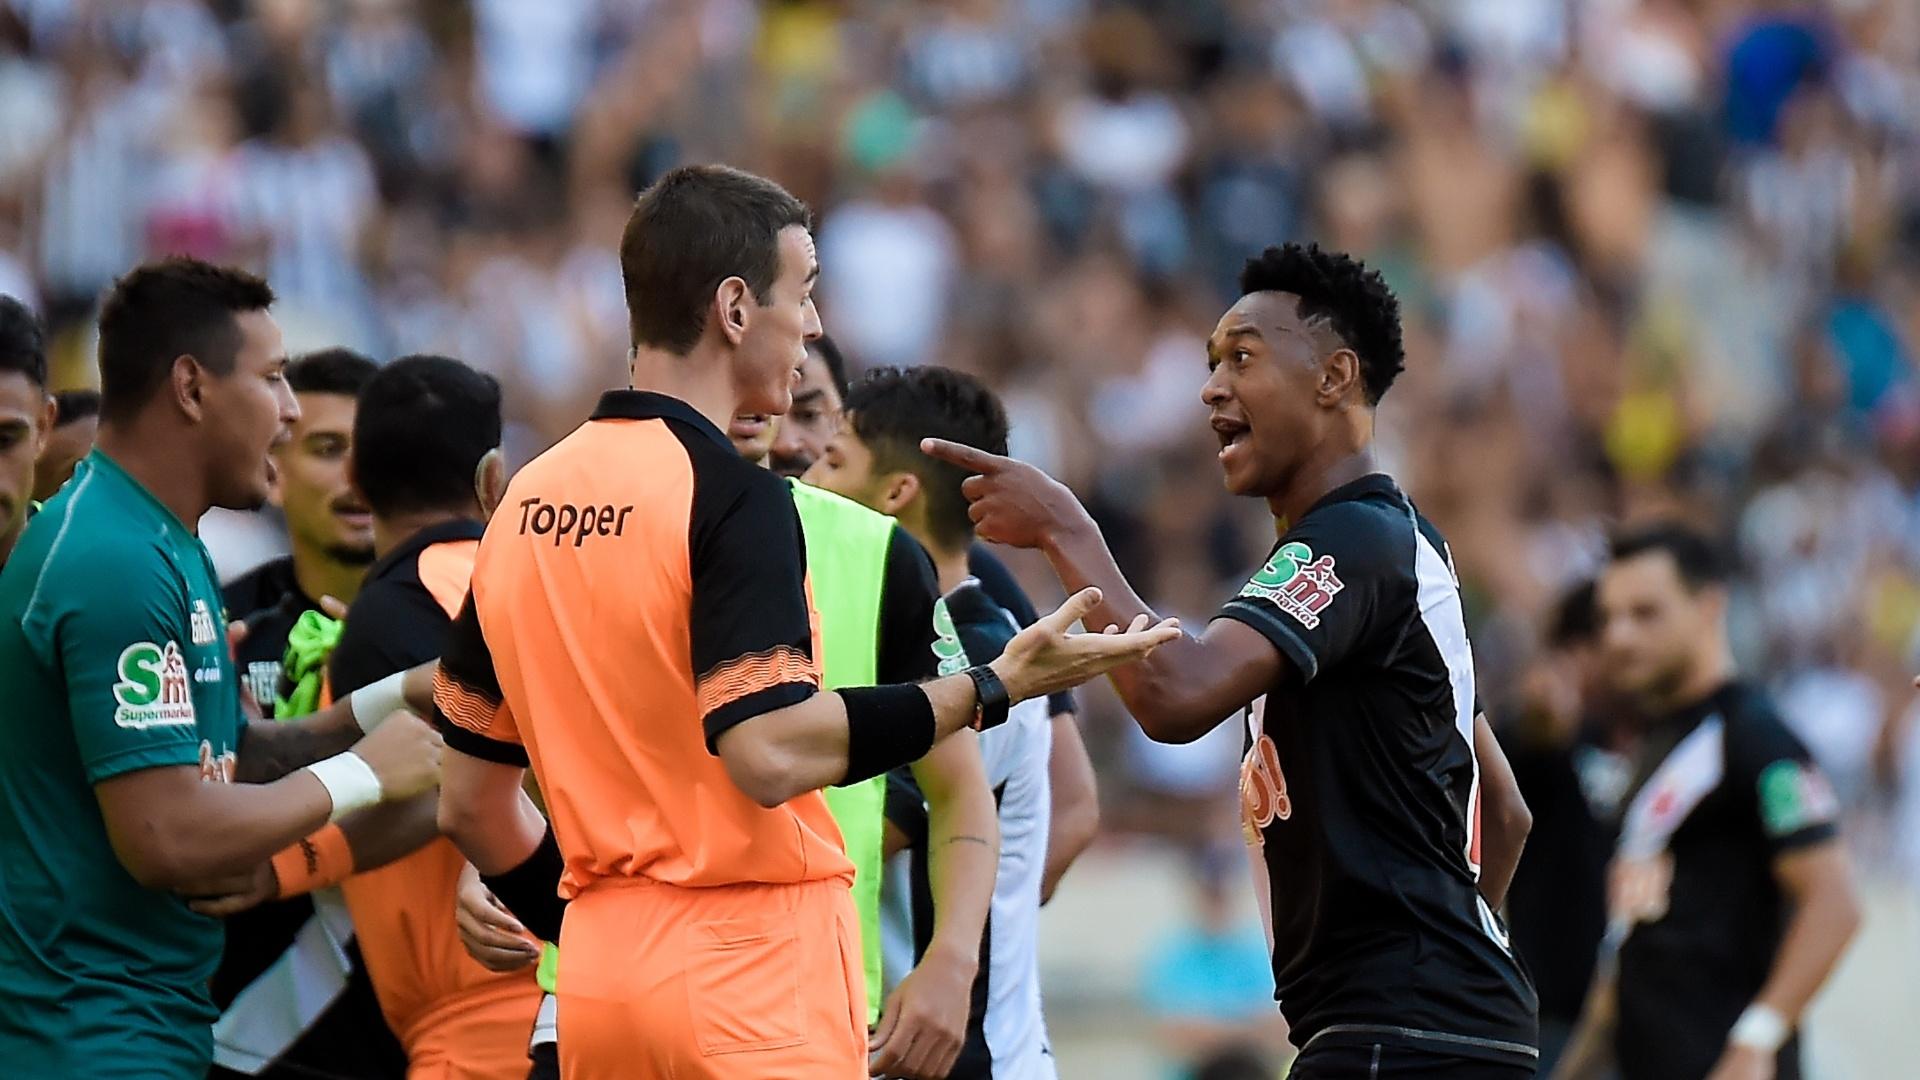 Fabrício discute com arbitragem após ser expulso em Vasco x Botafogo, em jogo pela decisão do Campeonato Carioca 2018